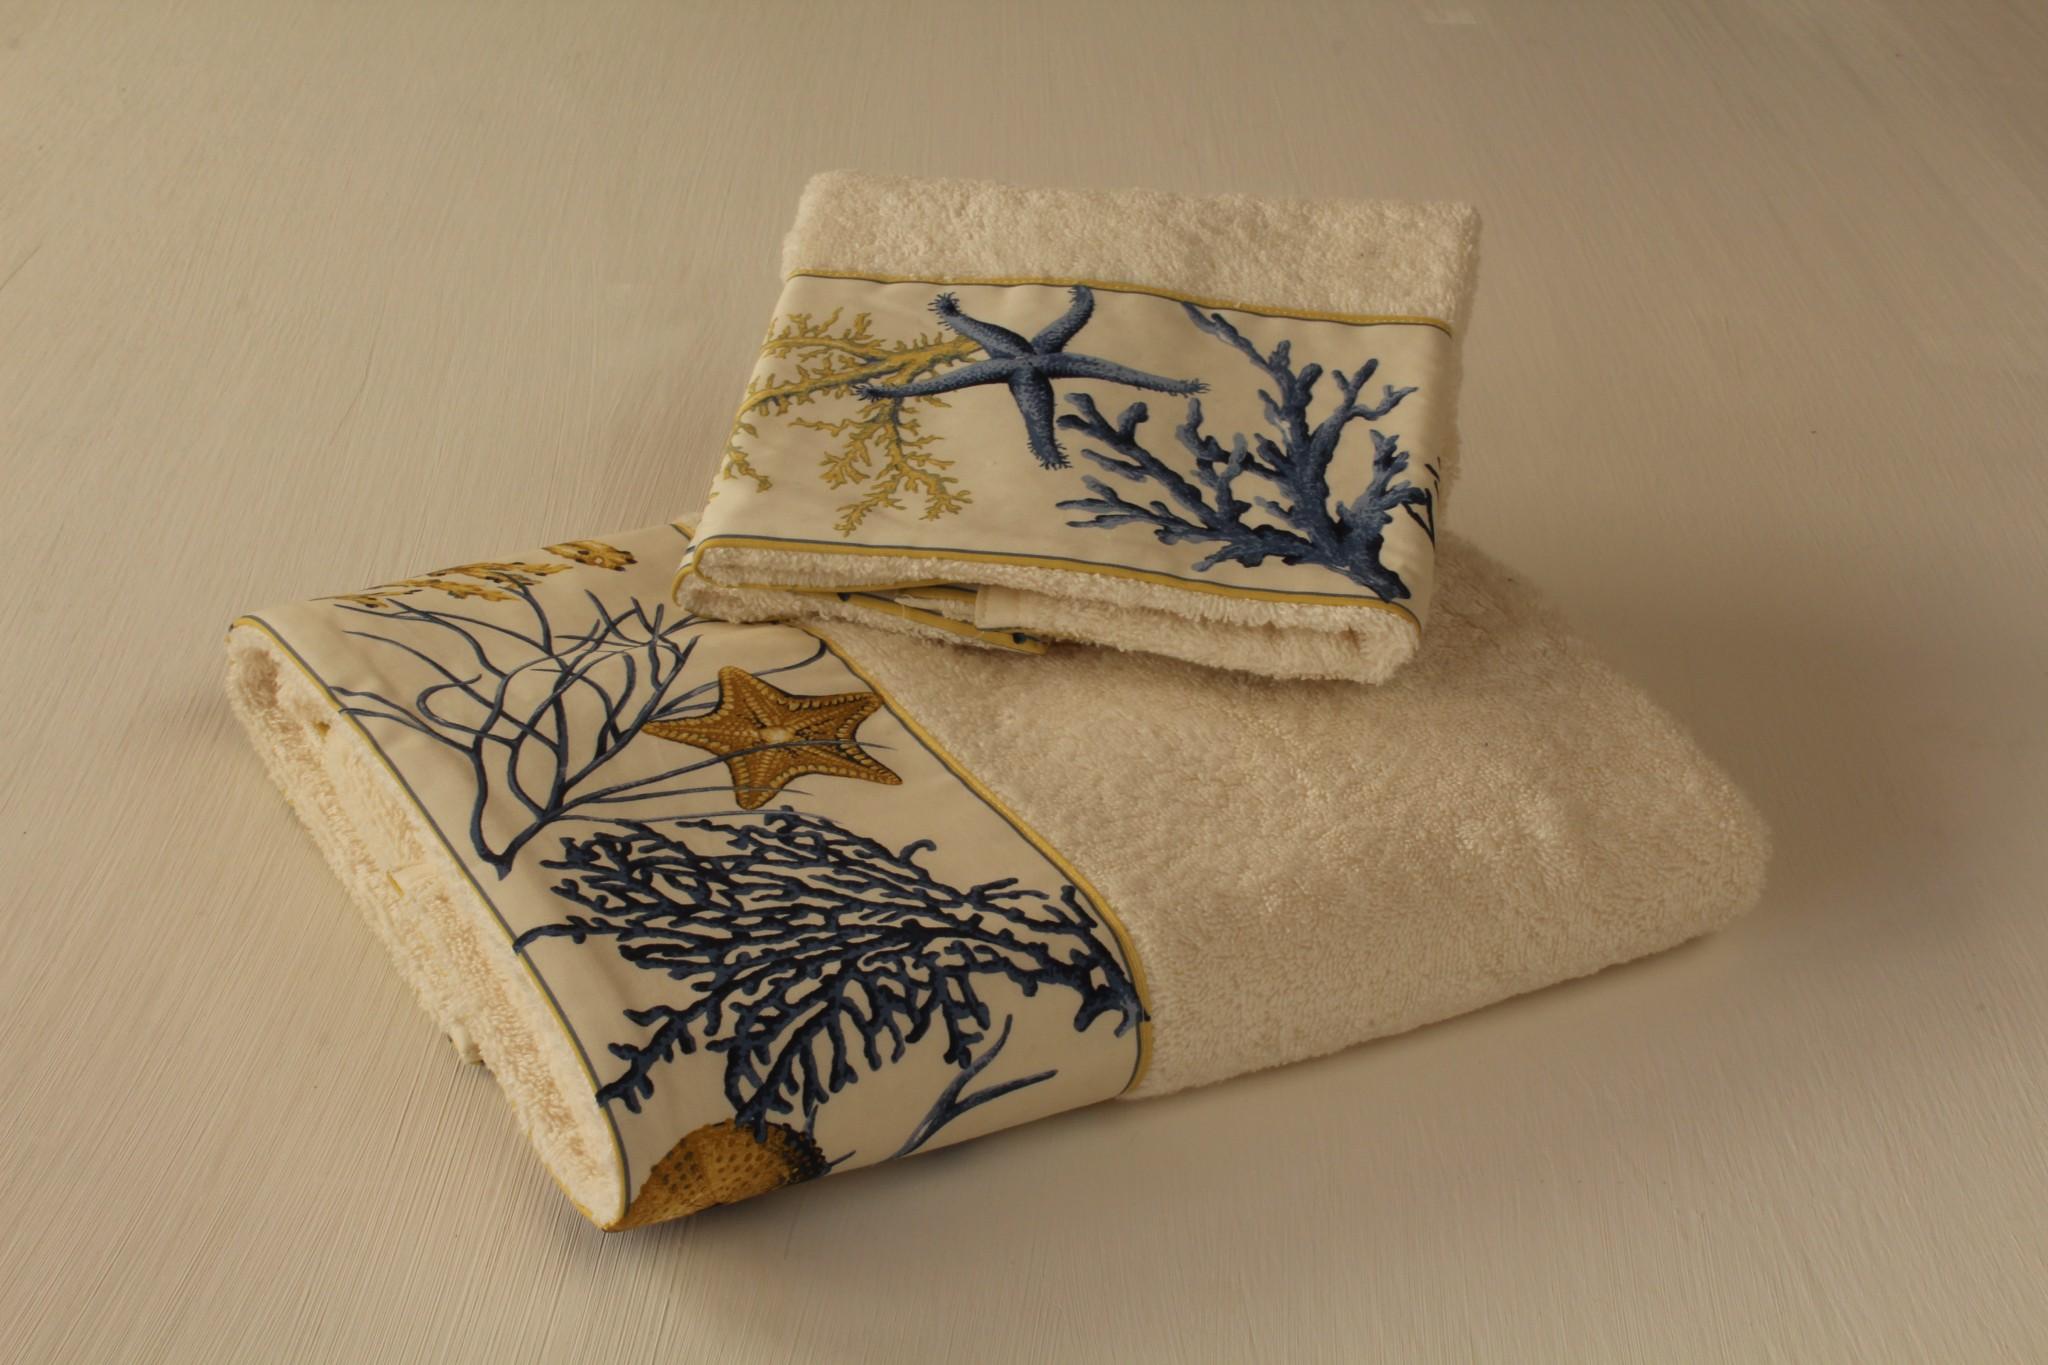 Asciugamani Coralli - Giardino di Rose: Biancheria per la casa ...